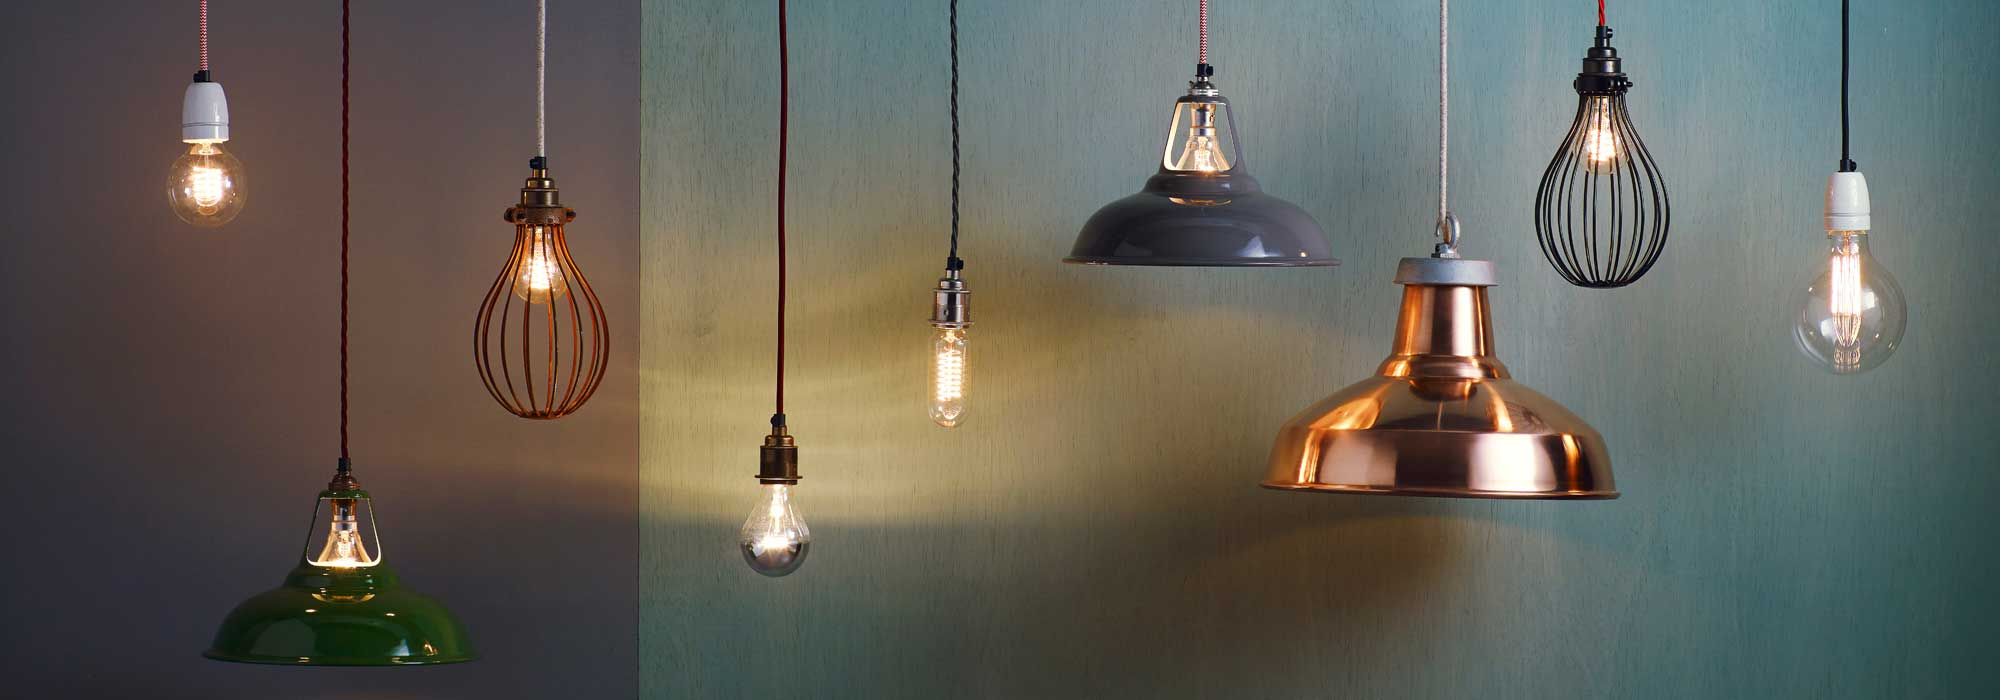 Fresnel Glass Restoration Bath Light: Harbour Lights LLC